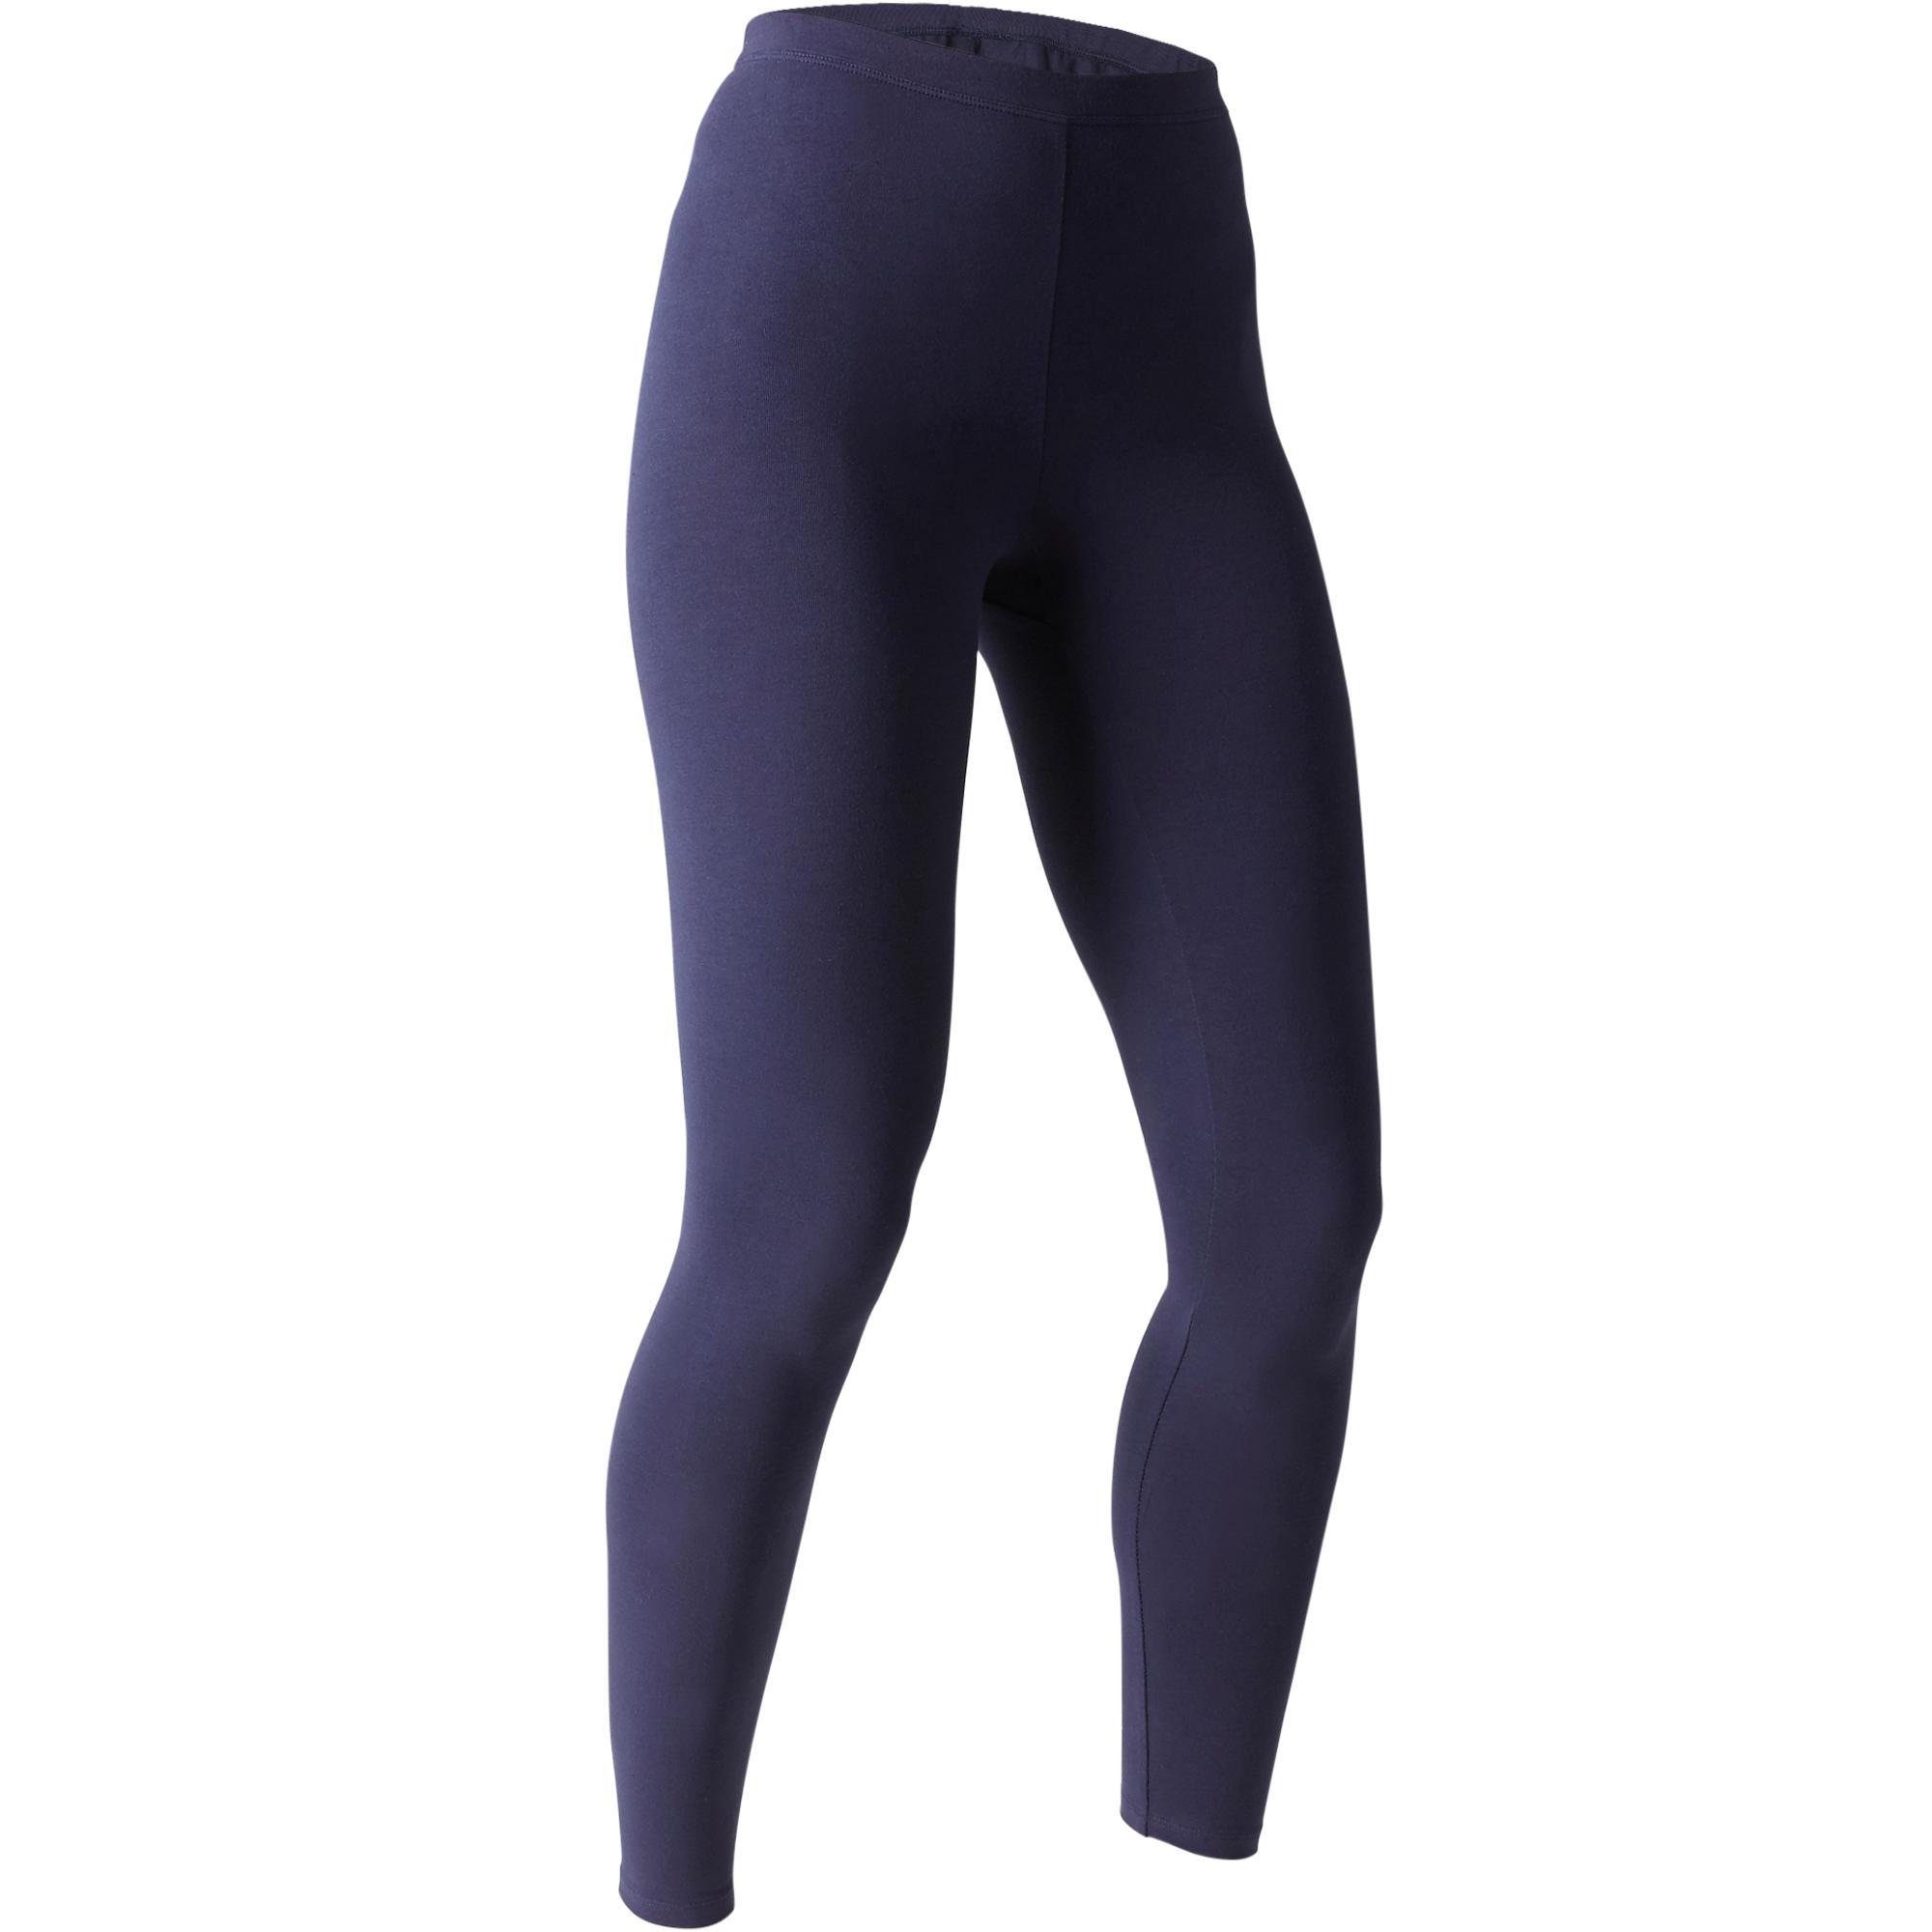 6128c5f8aff291 100 Stretch Women's Slim-Fit Pilates & Gentle Gym Leggings - Navy Blue |  Domyos by Decathlon